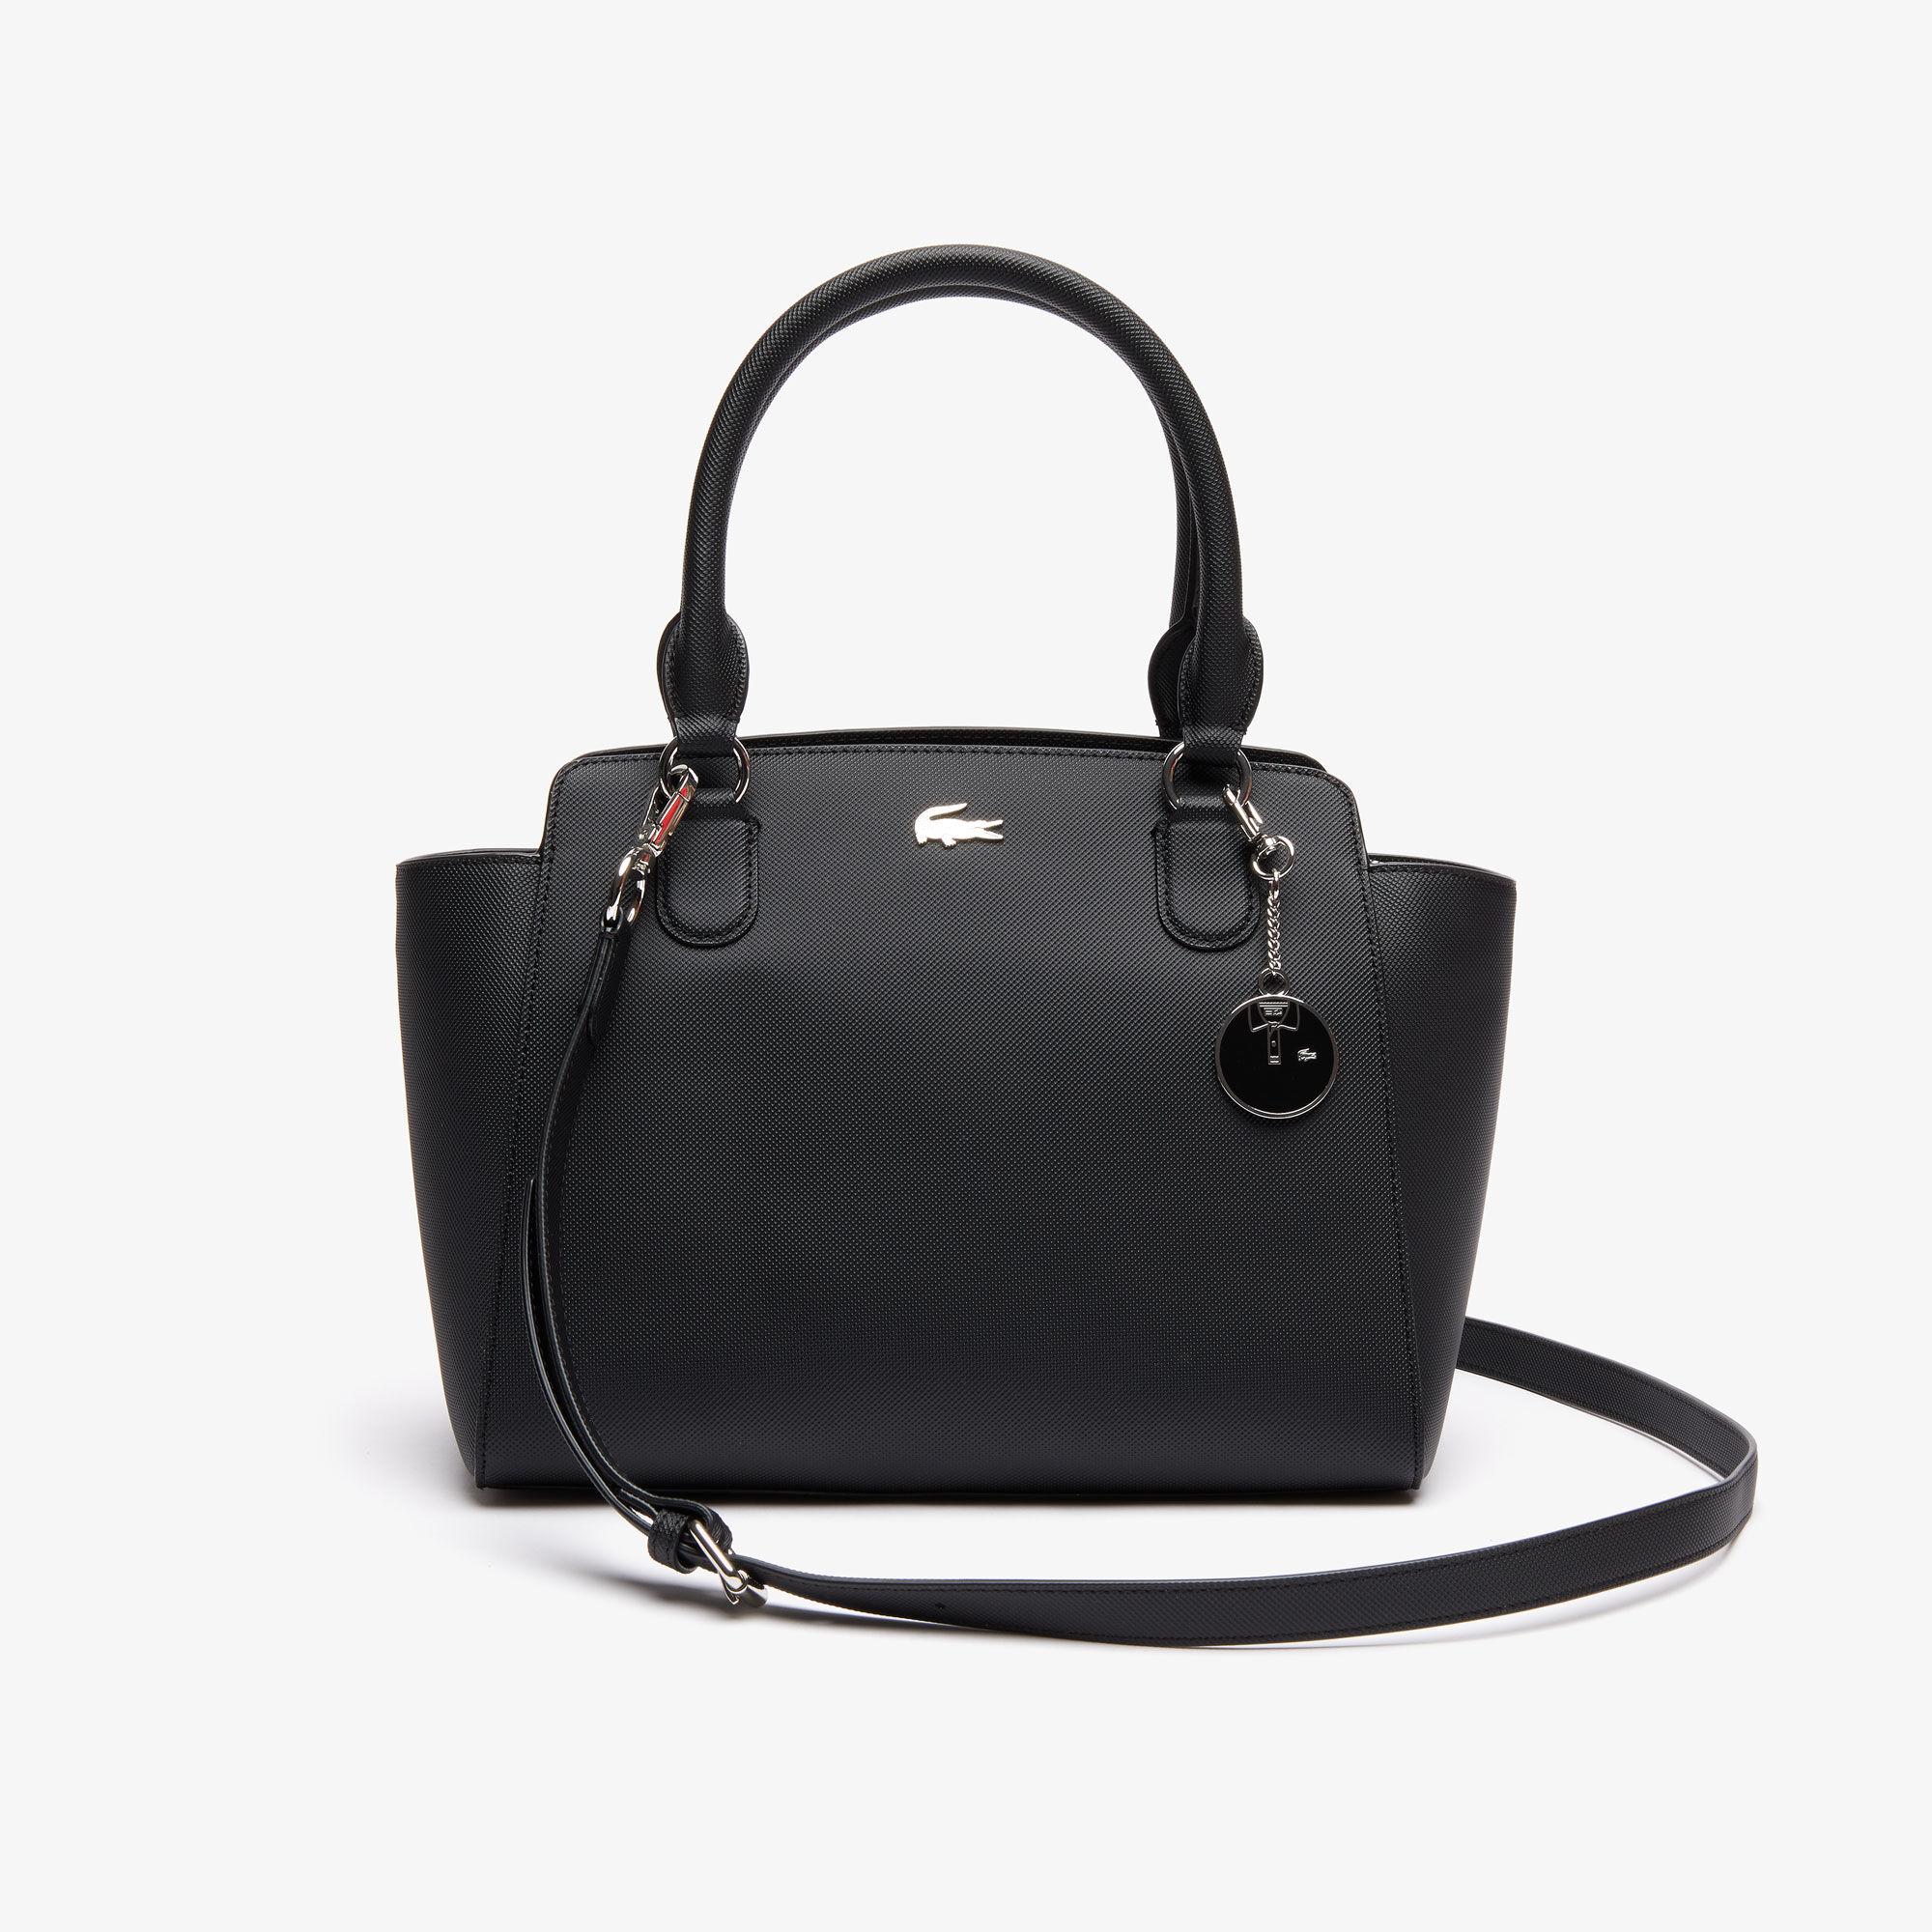 حقيبة توت من قماش البيكيه المغلف بالبلاستيك مجموعة Daily Classic والمعزز للنساء